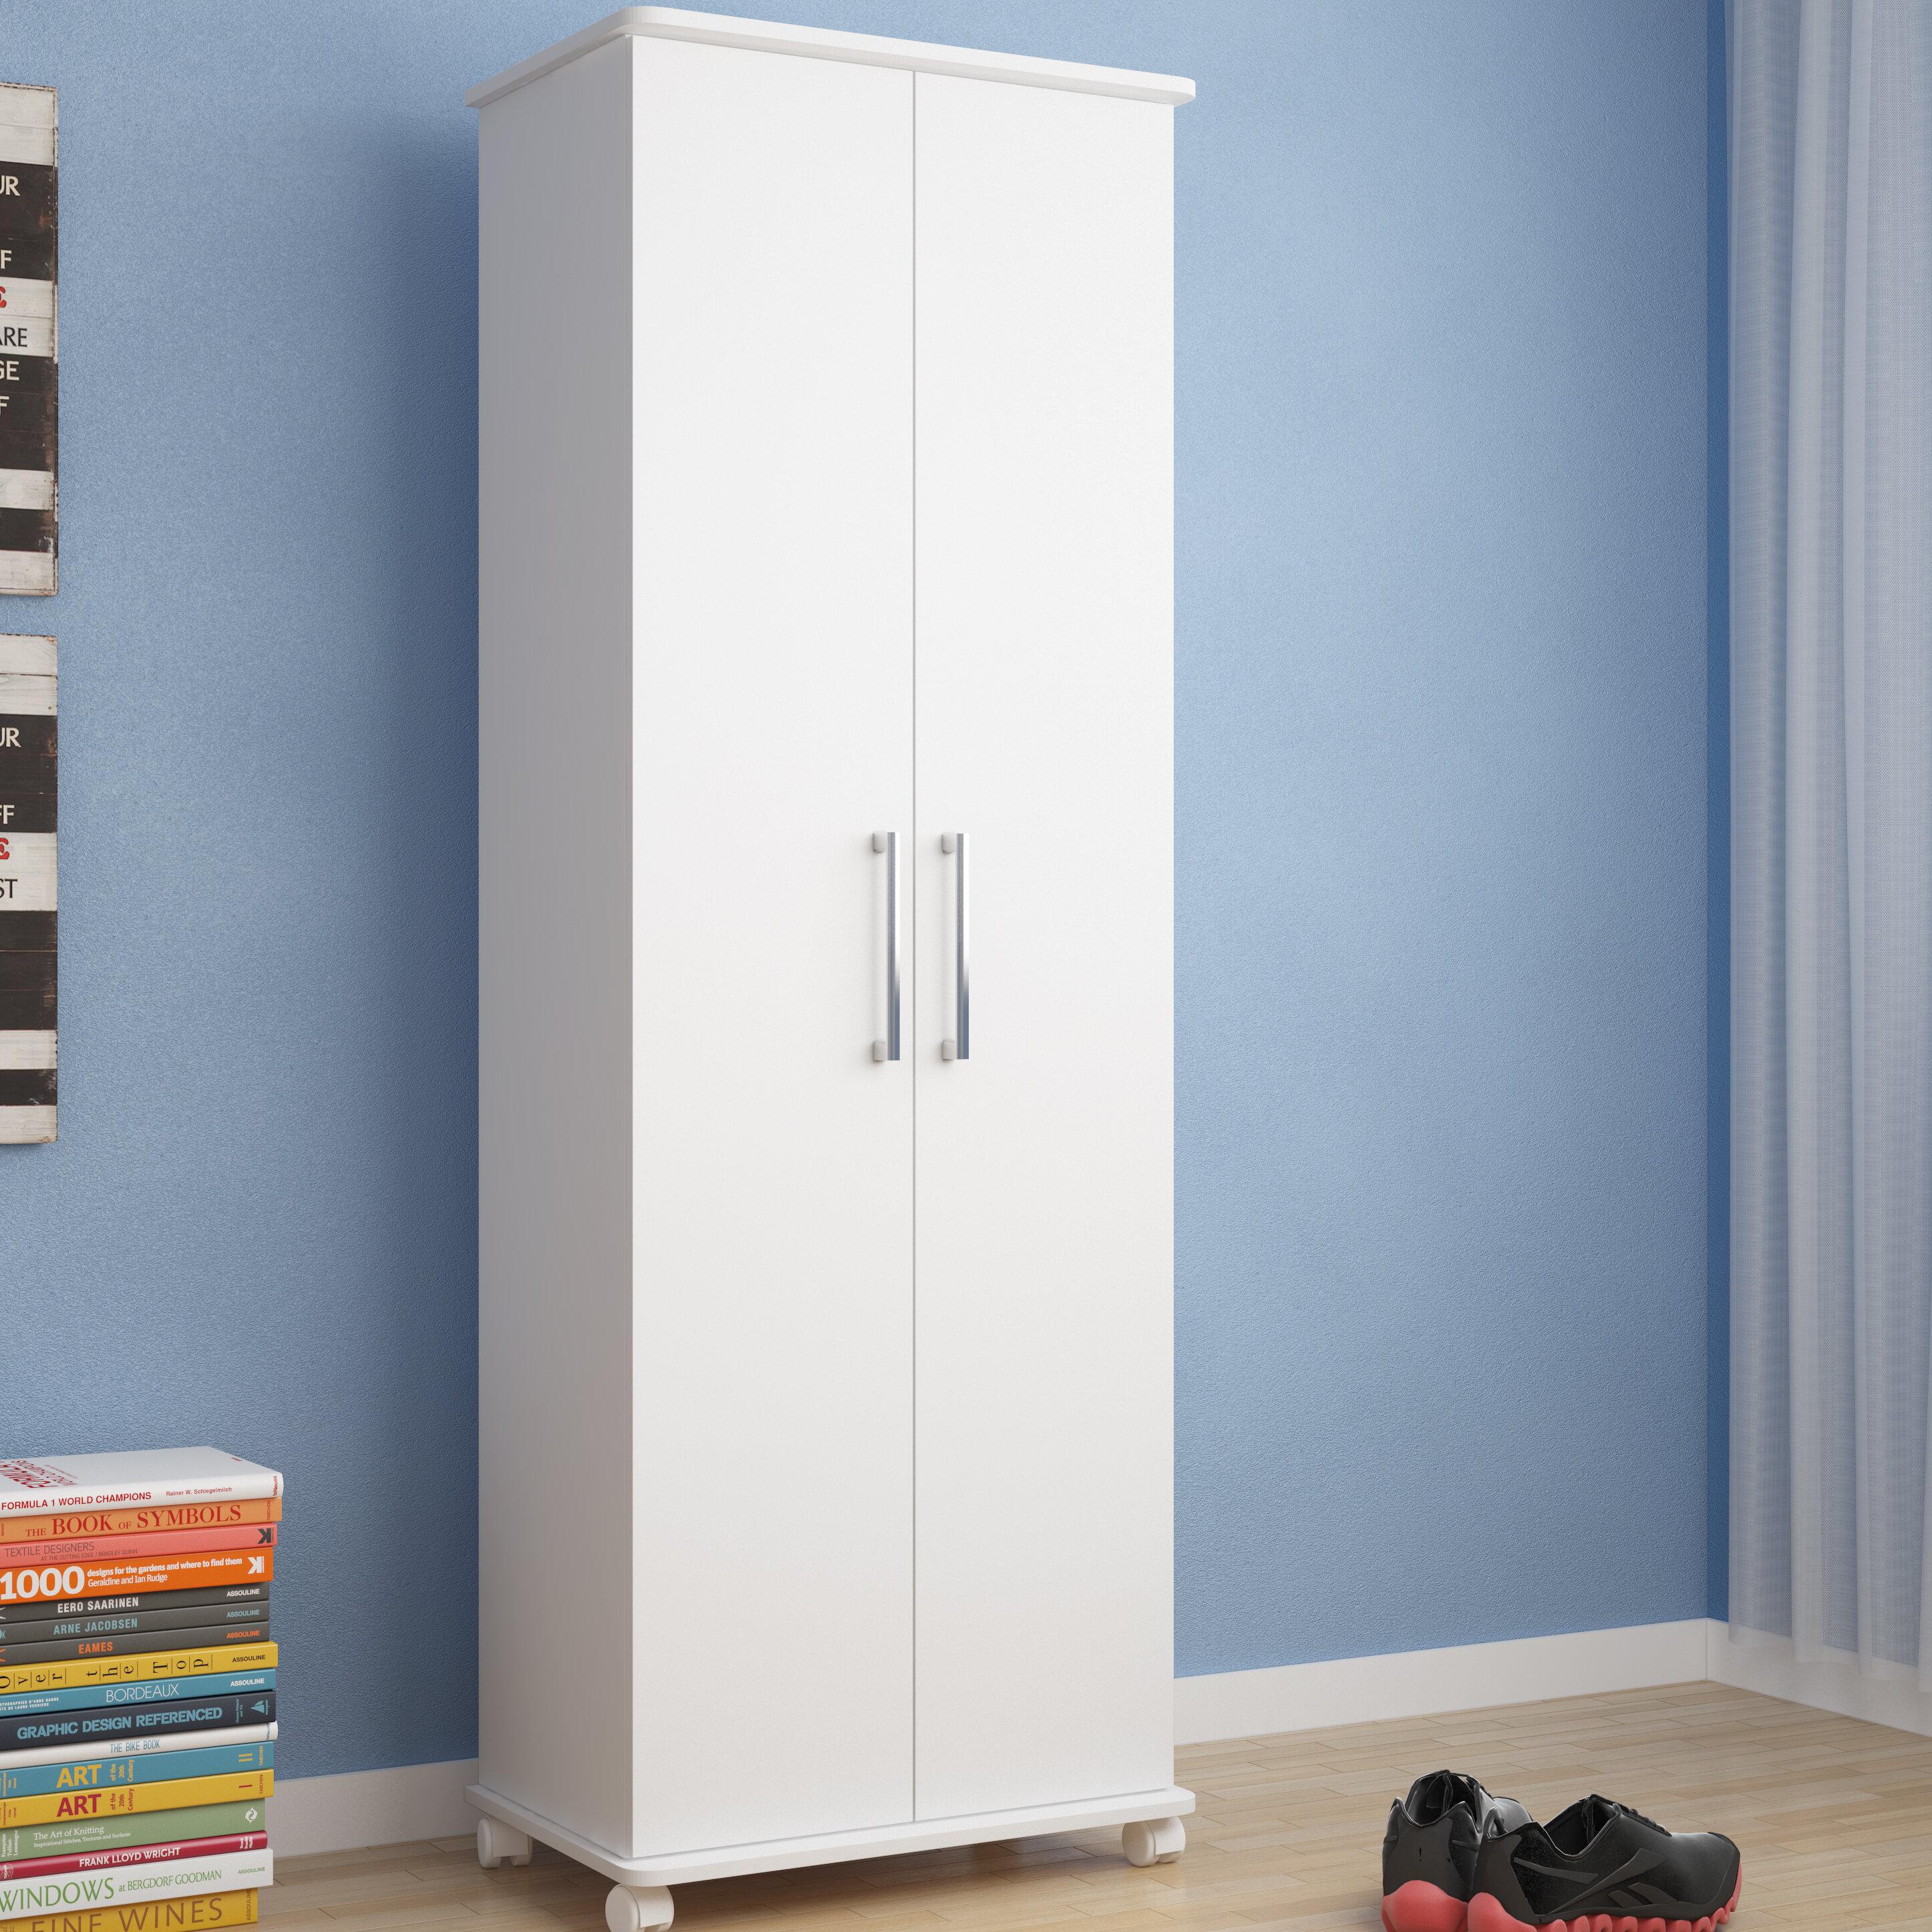 Rebrilliant 30 Pair Shoe Storage Cabinet Reviews Wayfair